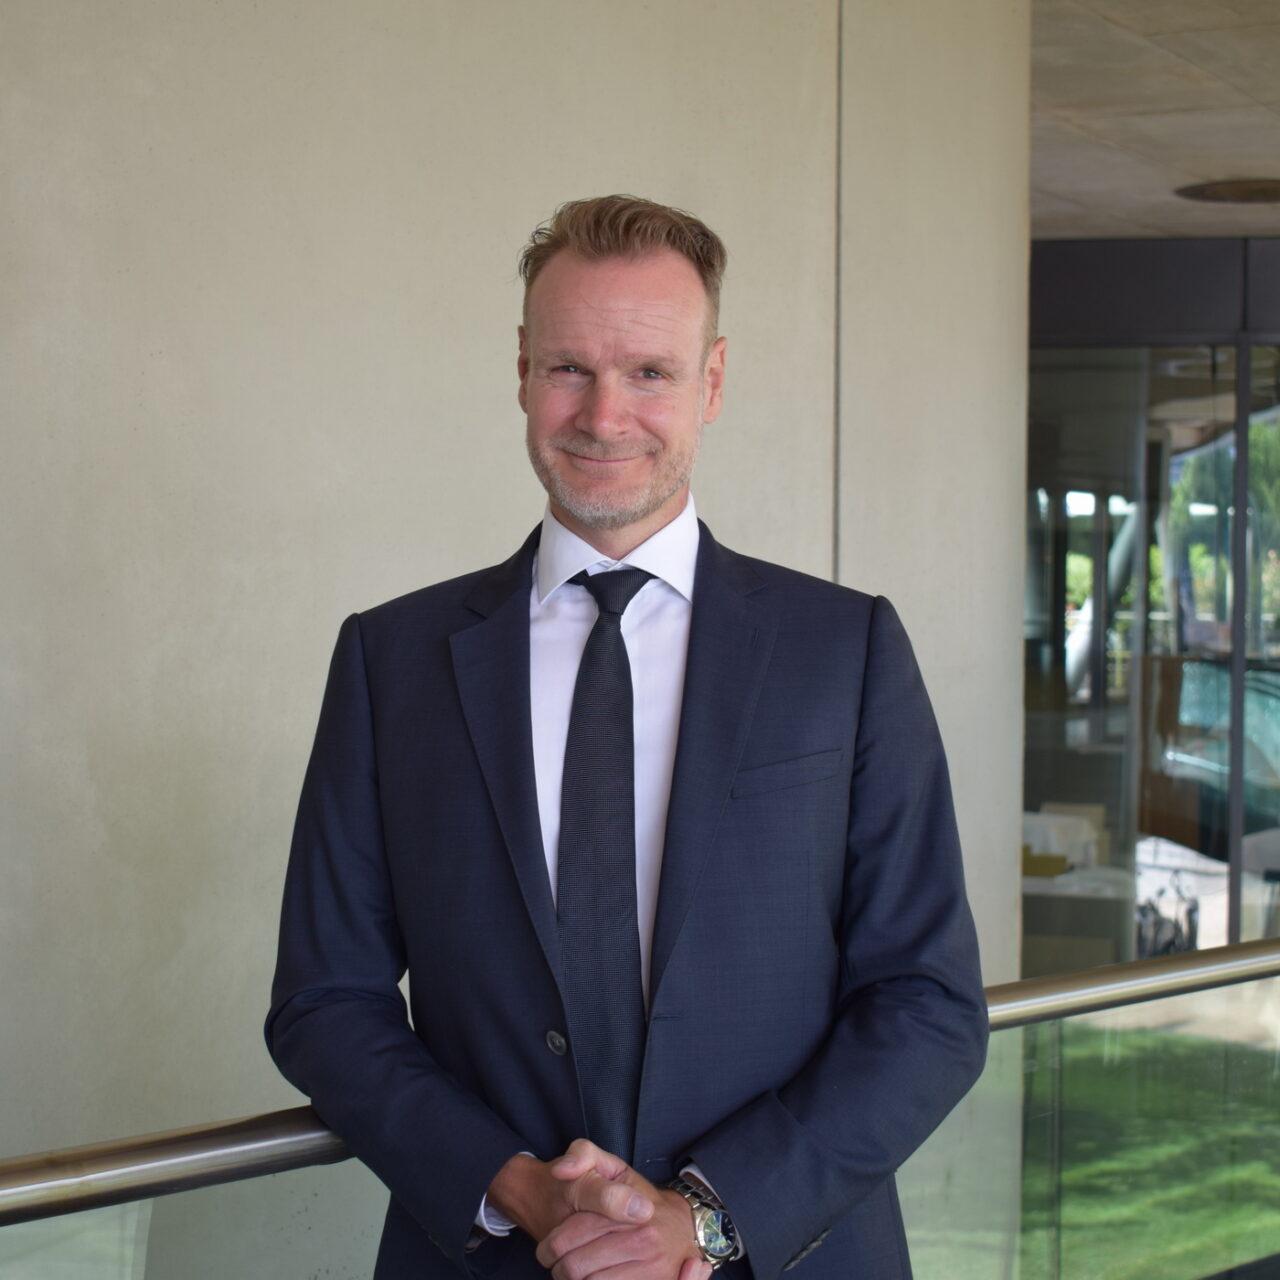 First Private verstärkt Vertriebsteam für institutionelle Investoren